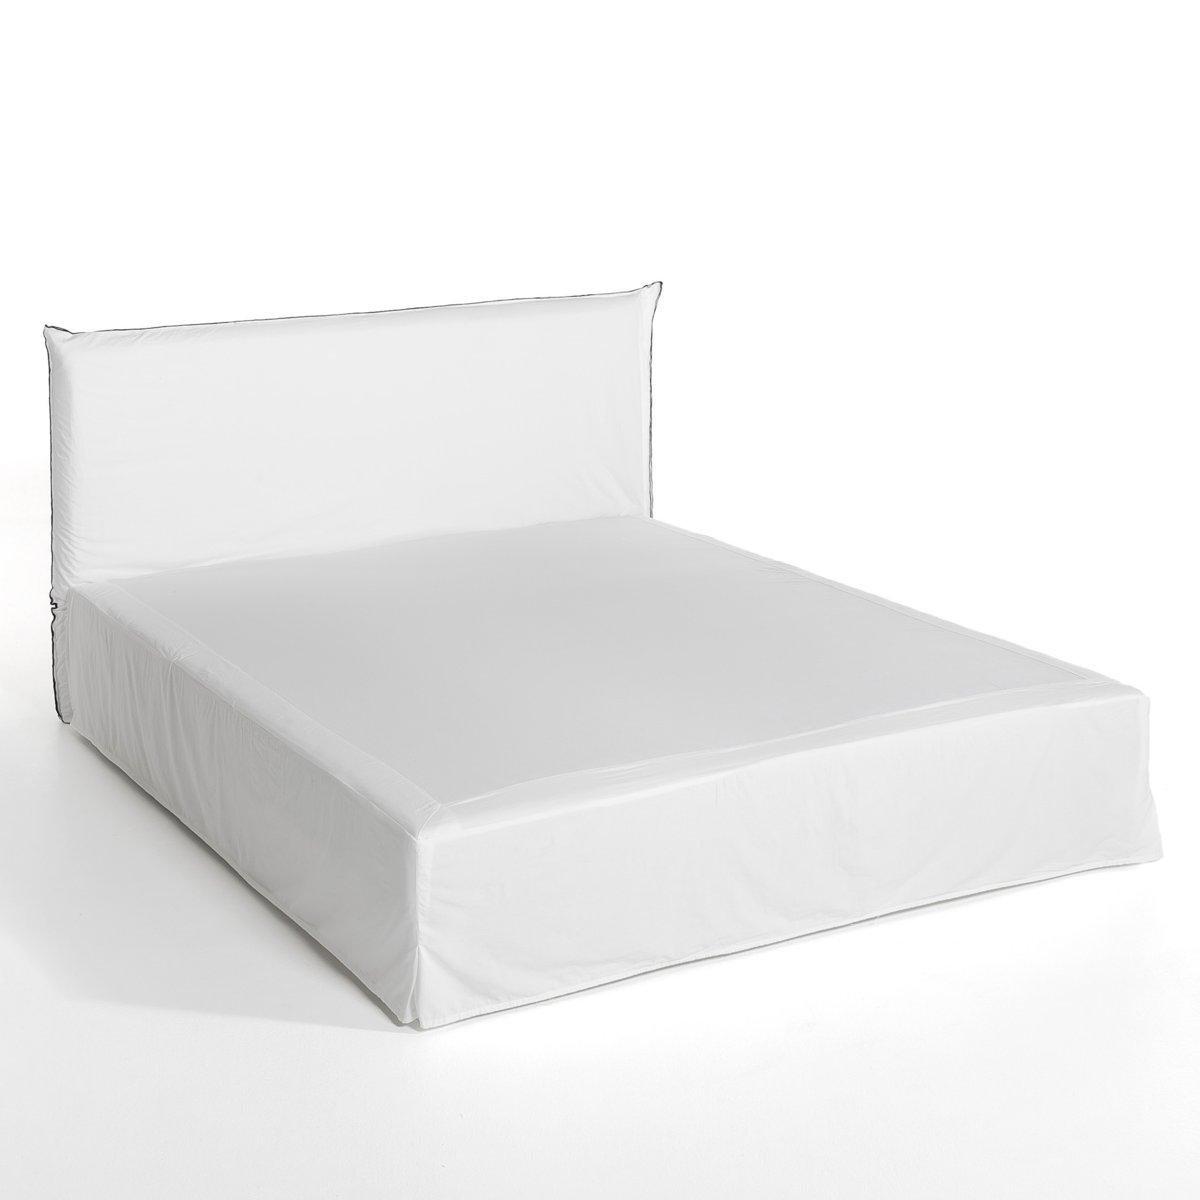 Чехол для изголовья кровати и наматрасник Sandor от La Redoute